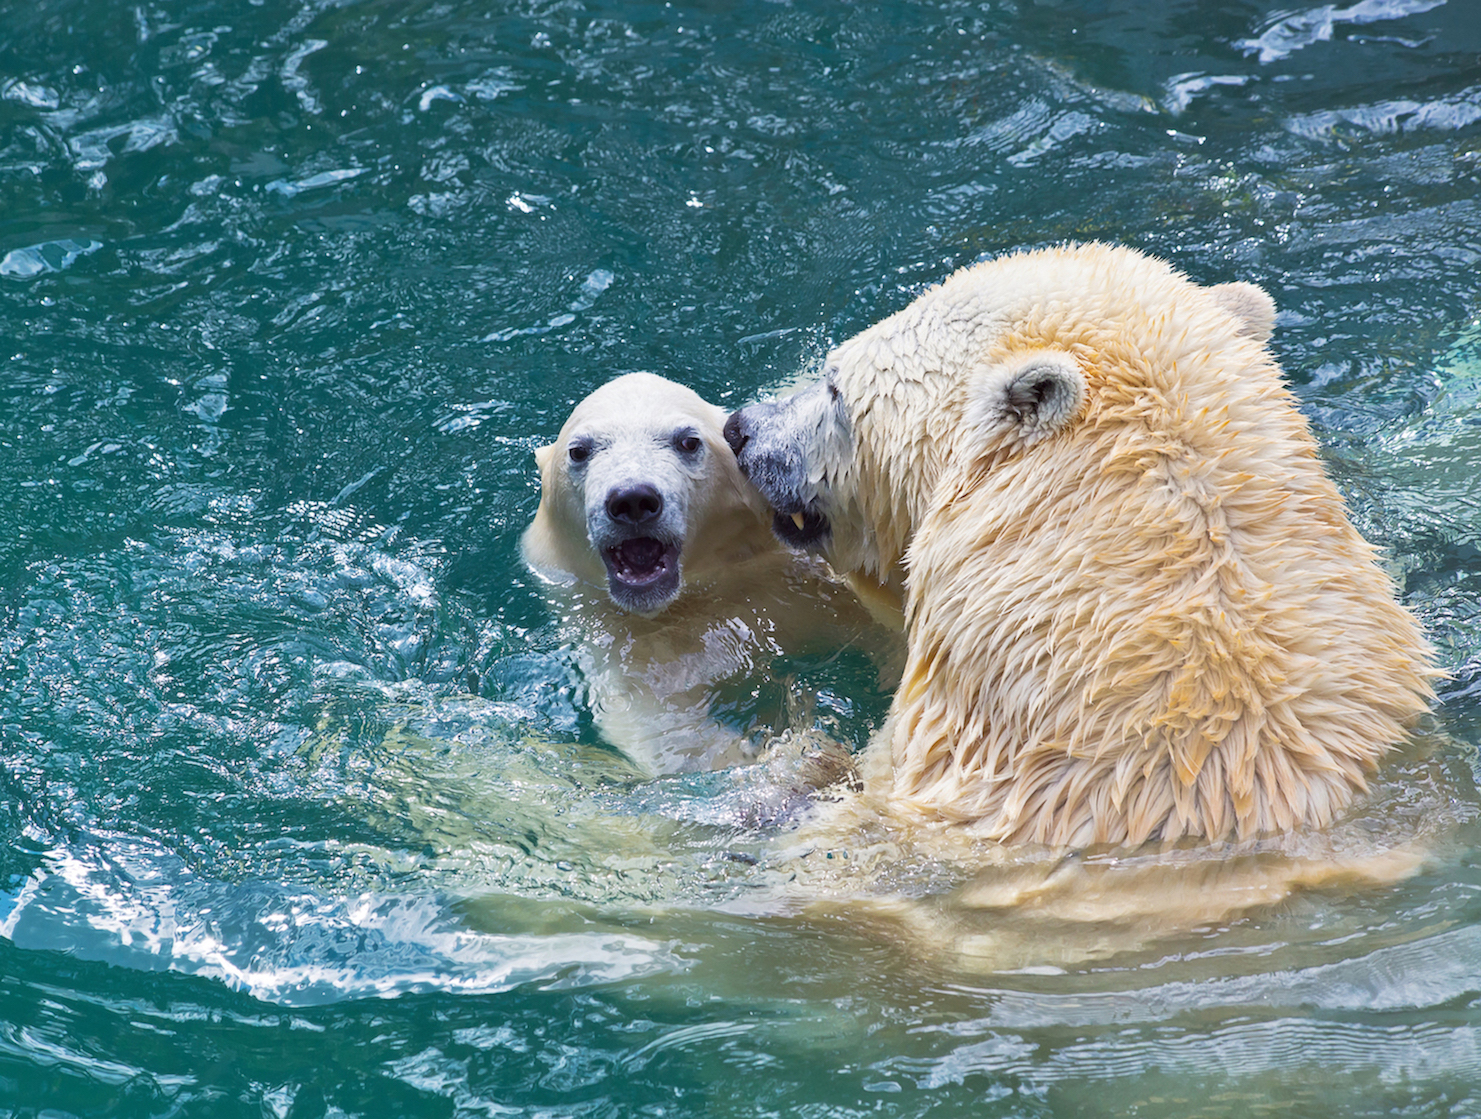 oso polar-jugando-con-su-cria-en-el-agua